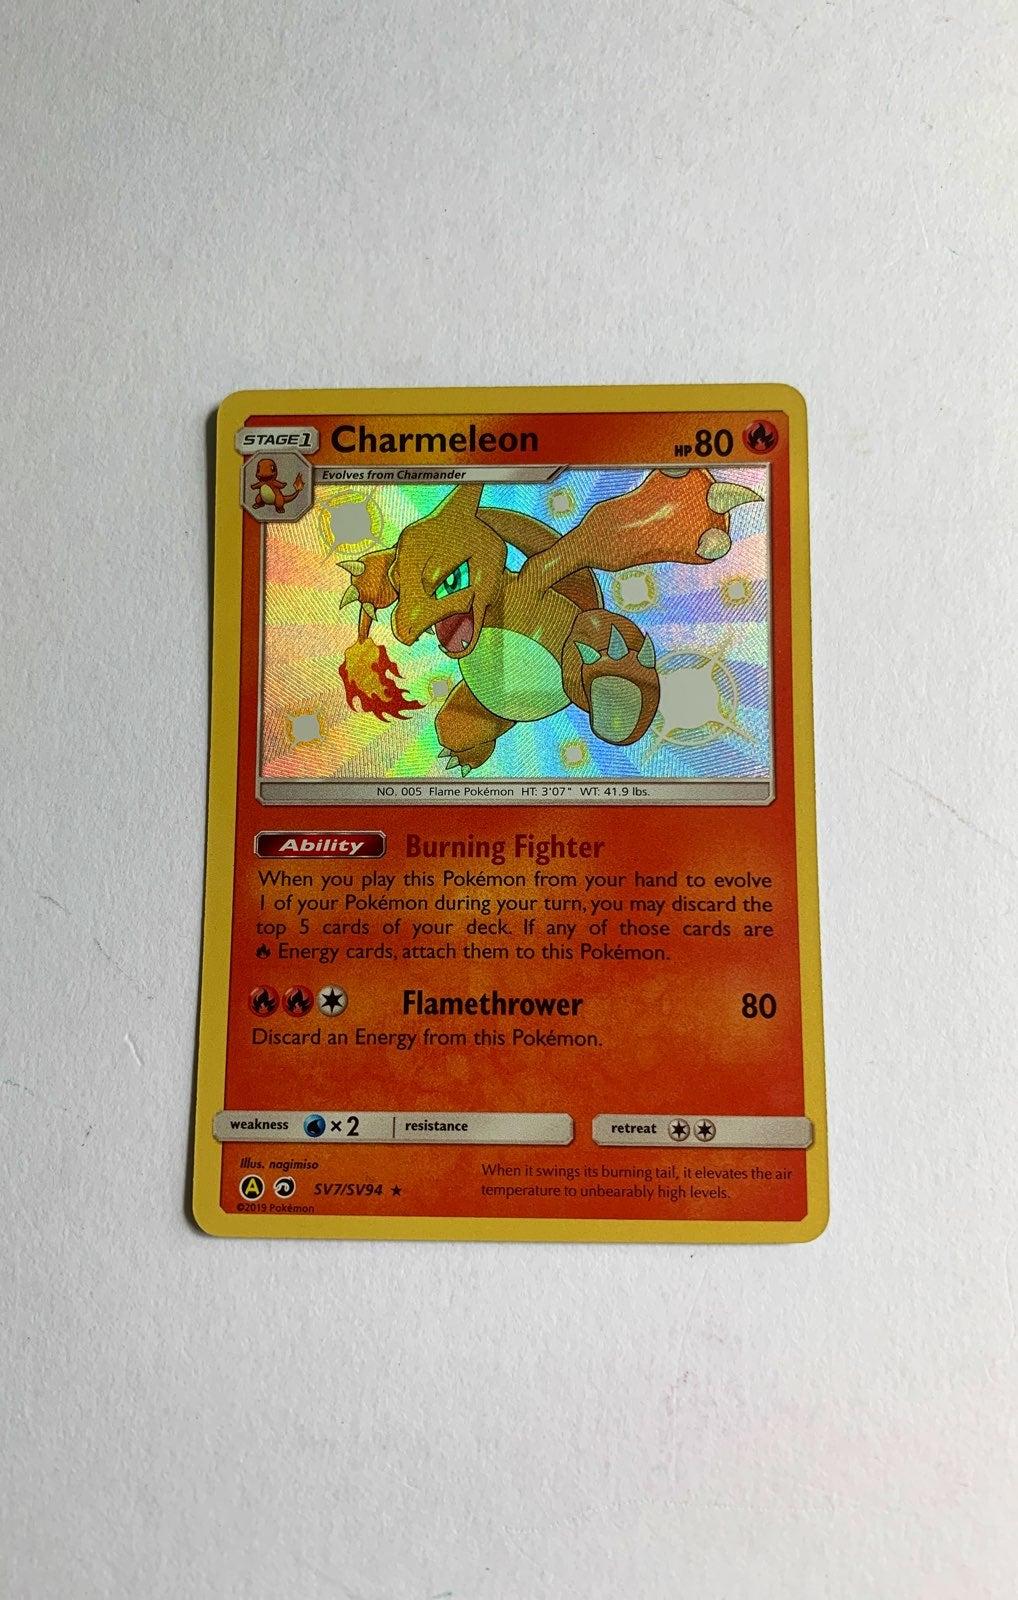 Pokemon Shiny Charmeleon Hidden Fates